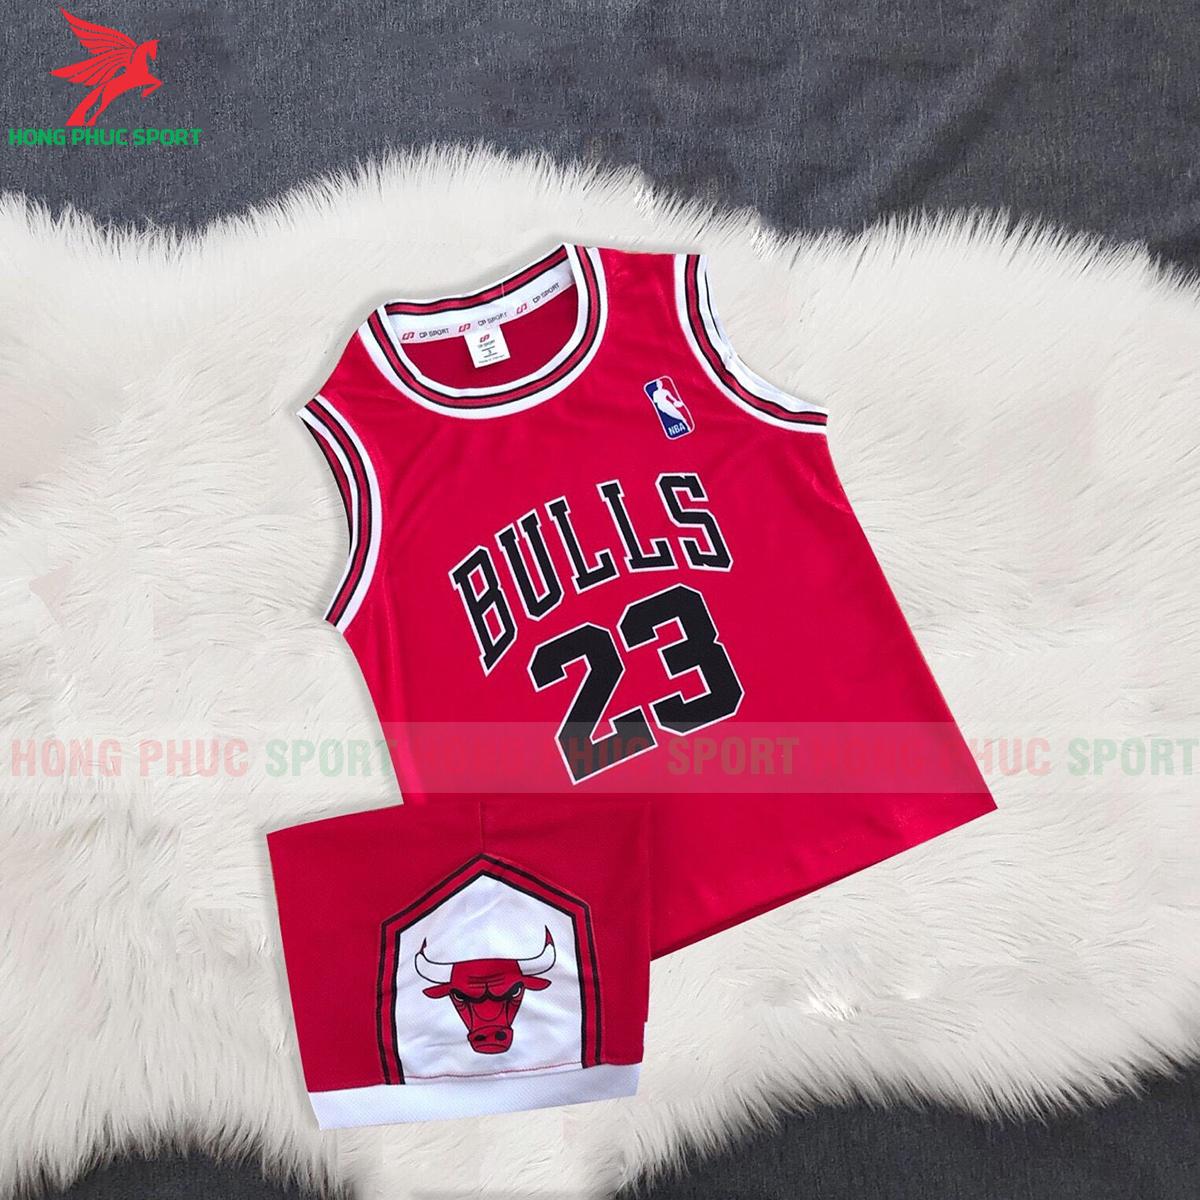 Áo bóng rổ trẻ em Bulls 2020 màu đỏ